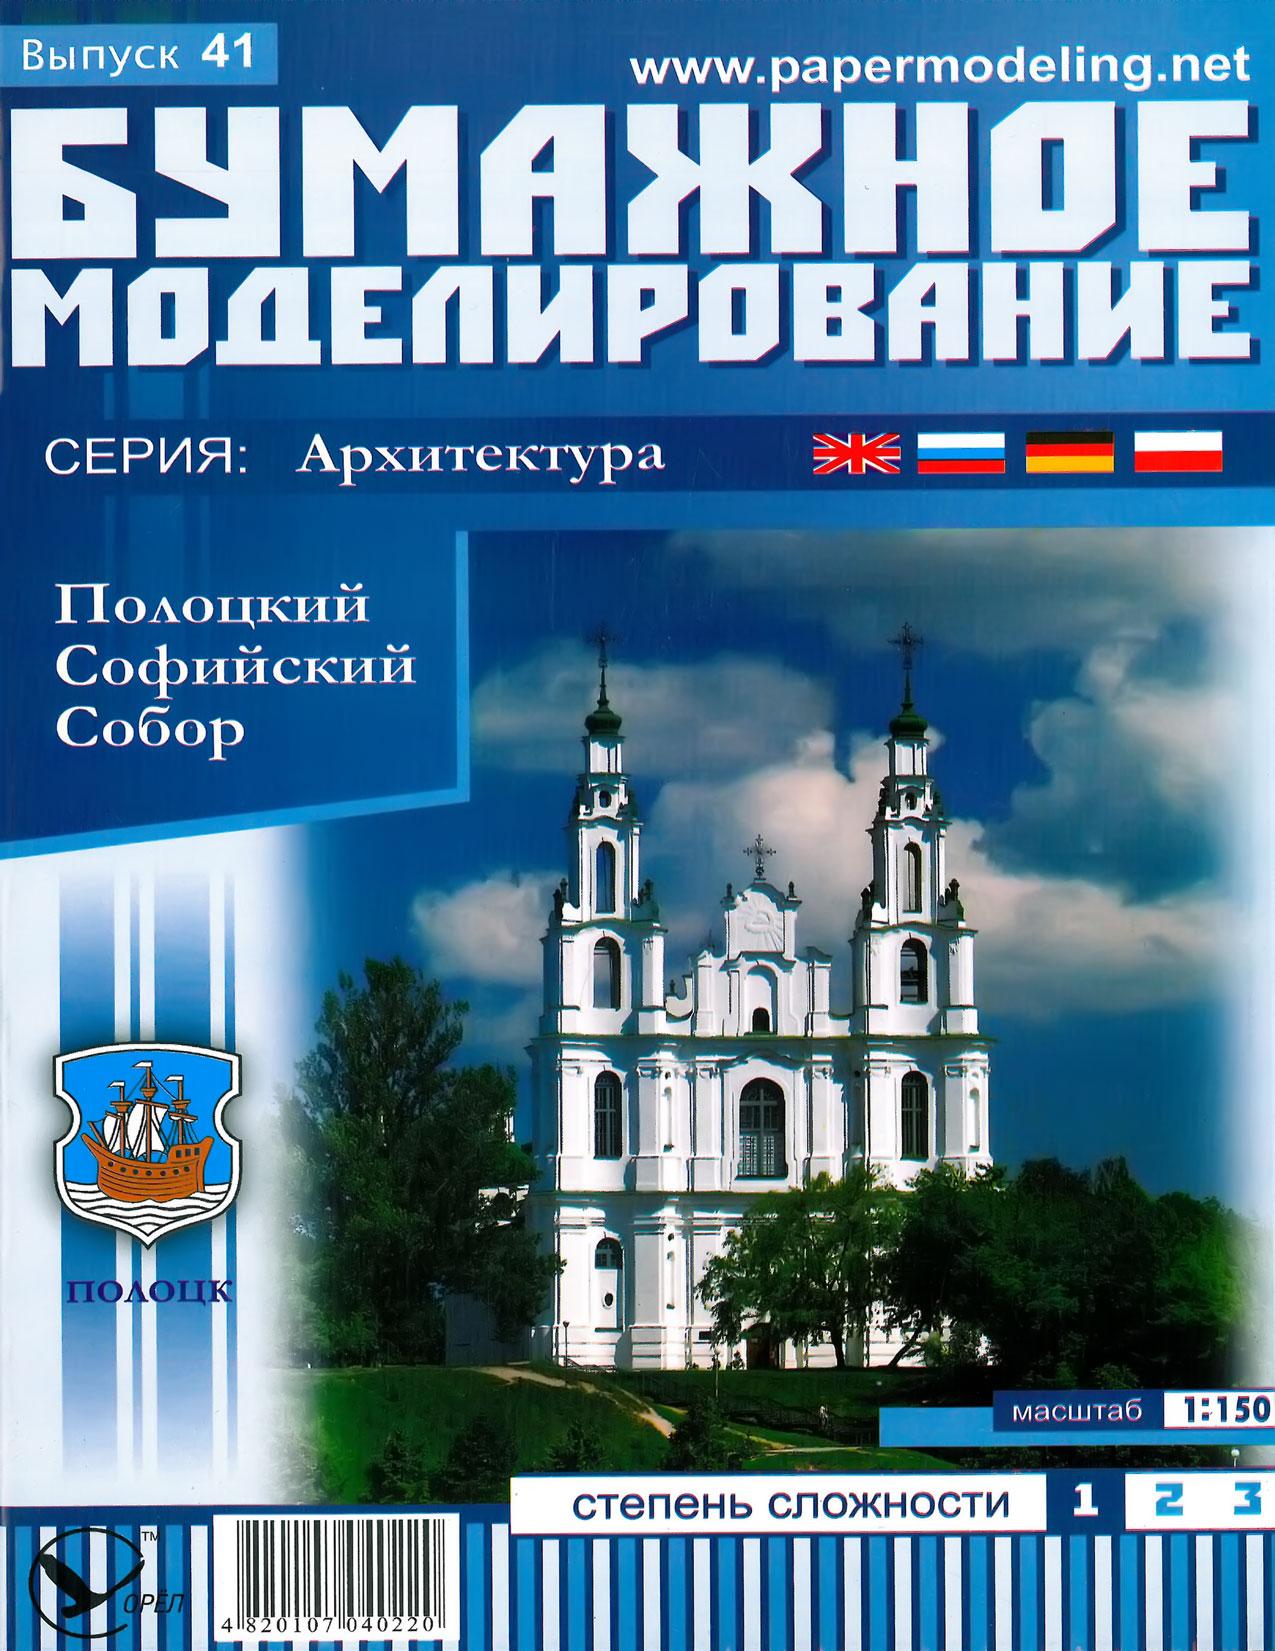 Полоцкий Софийский собор. Бумажная модель, выпуск 41